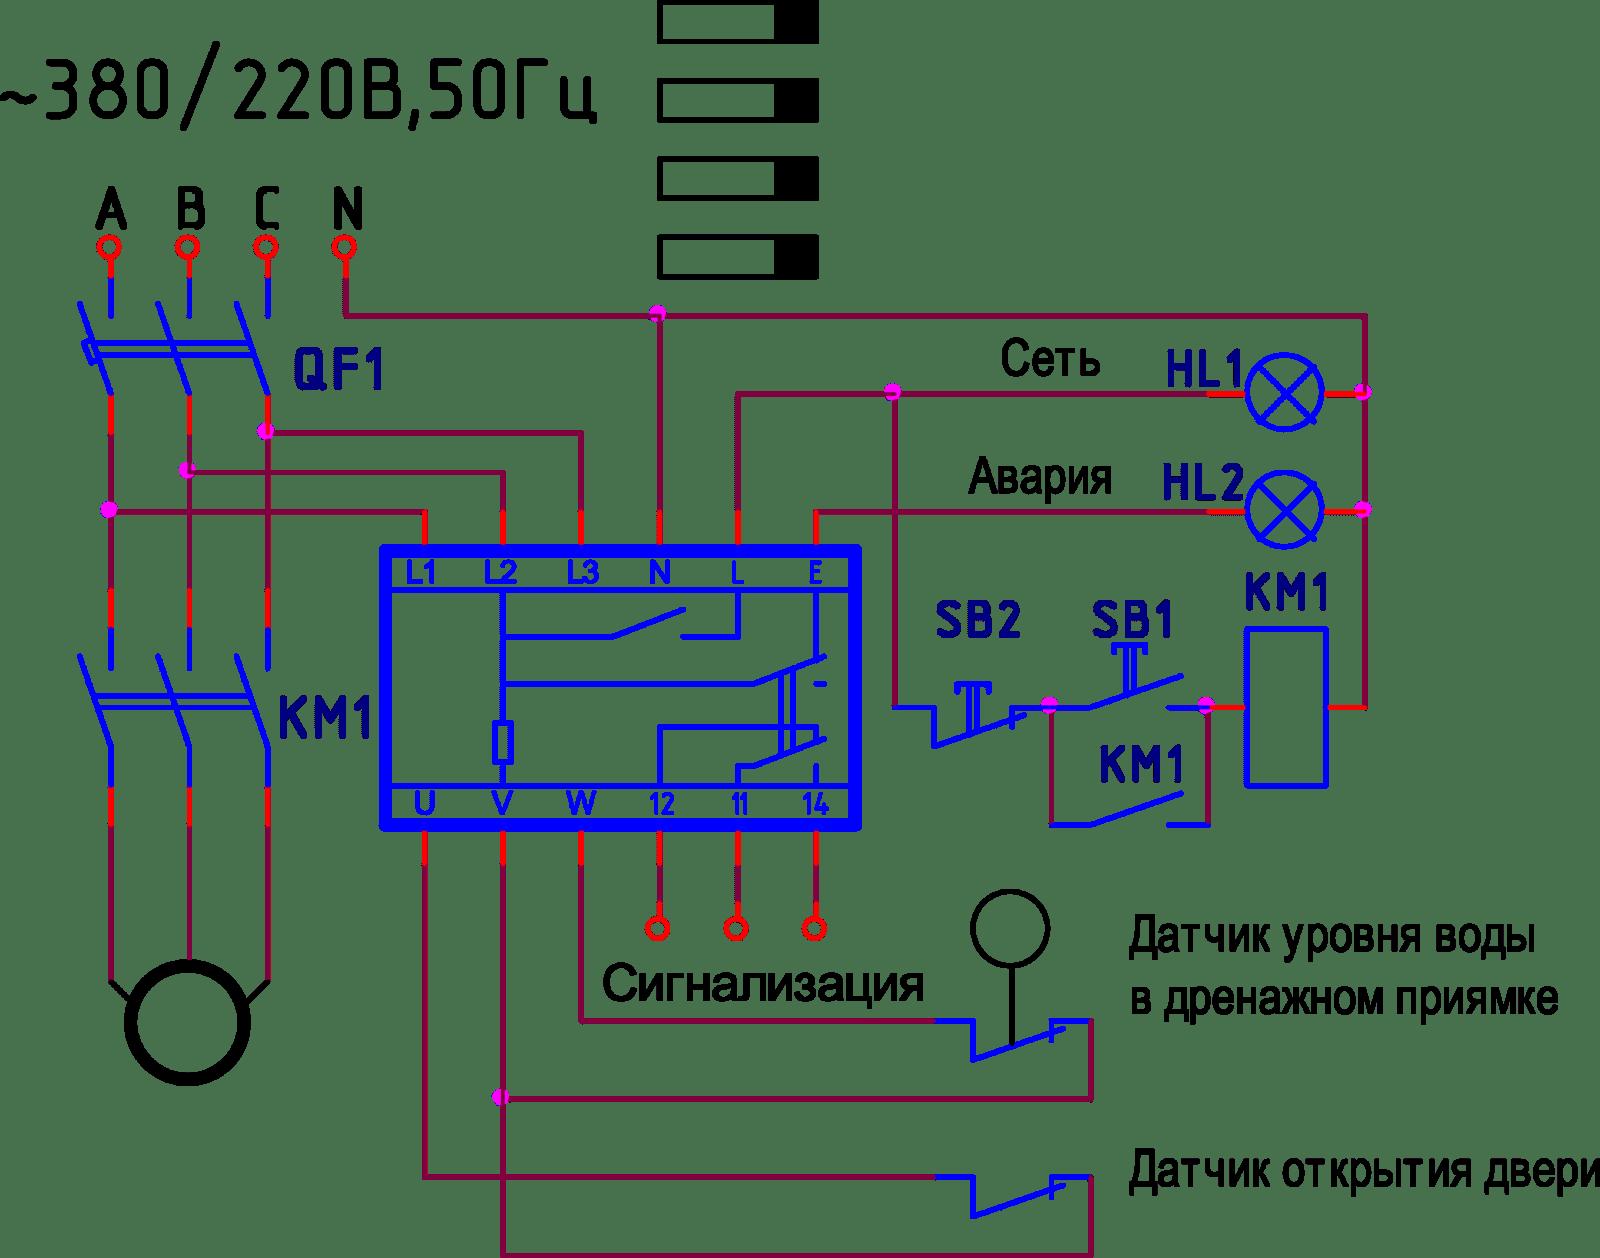 Контроль фазного напряжения. РНЛ-1.